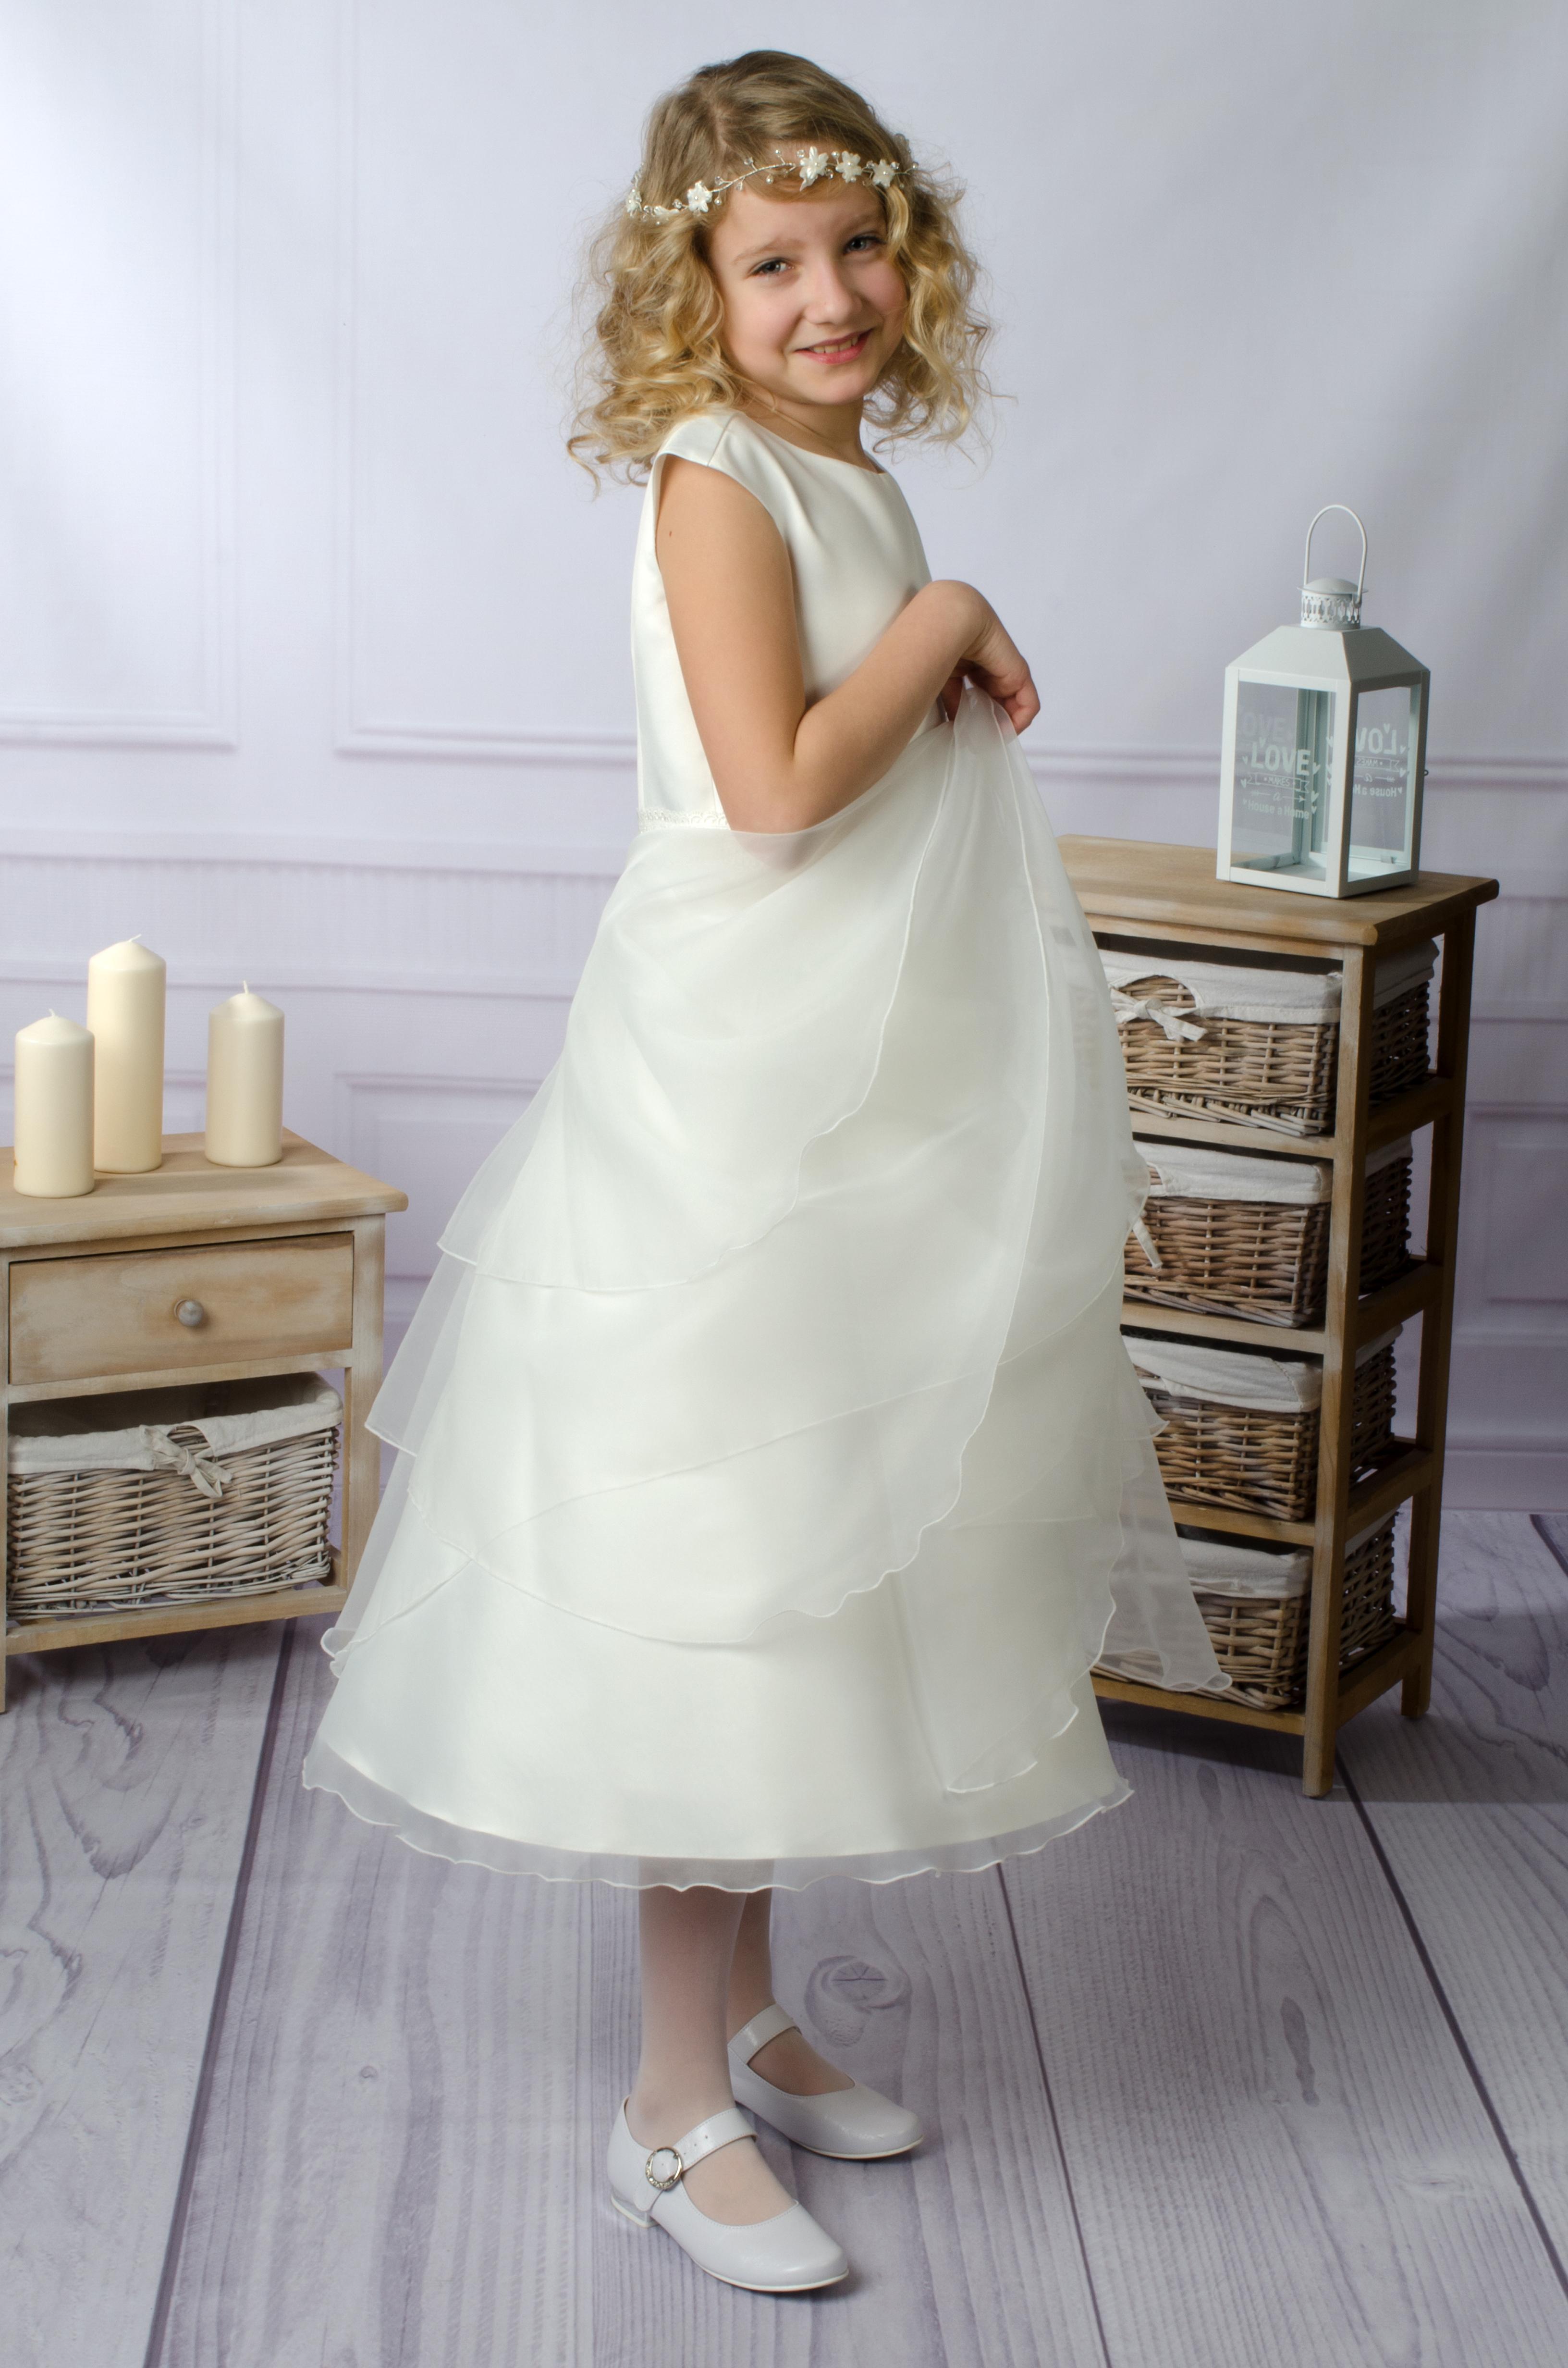 e1c295c4b4 Piękna i delikatna sukienka z bardzo efektowną spódnicą.